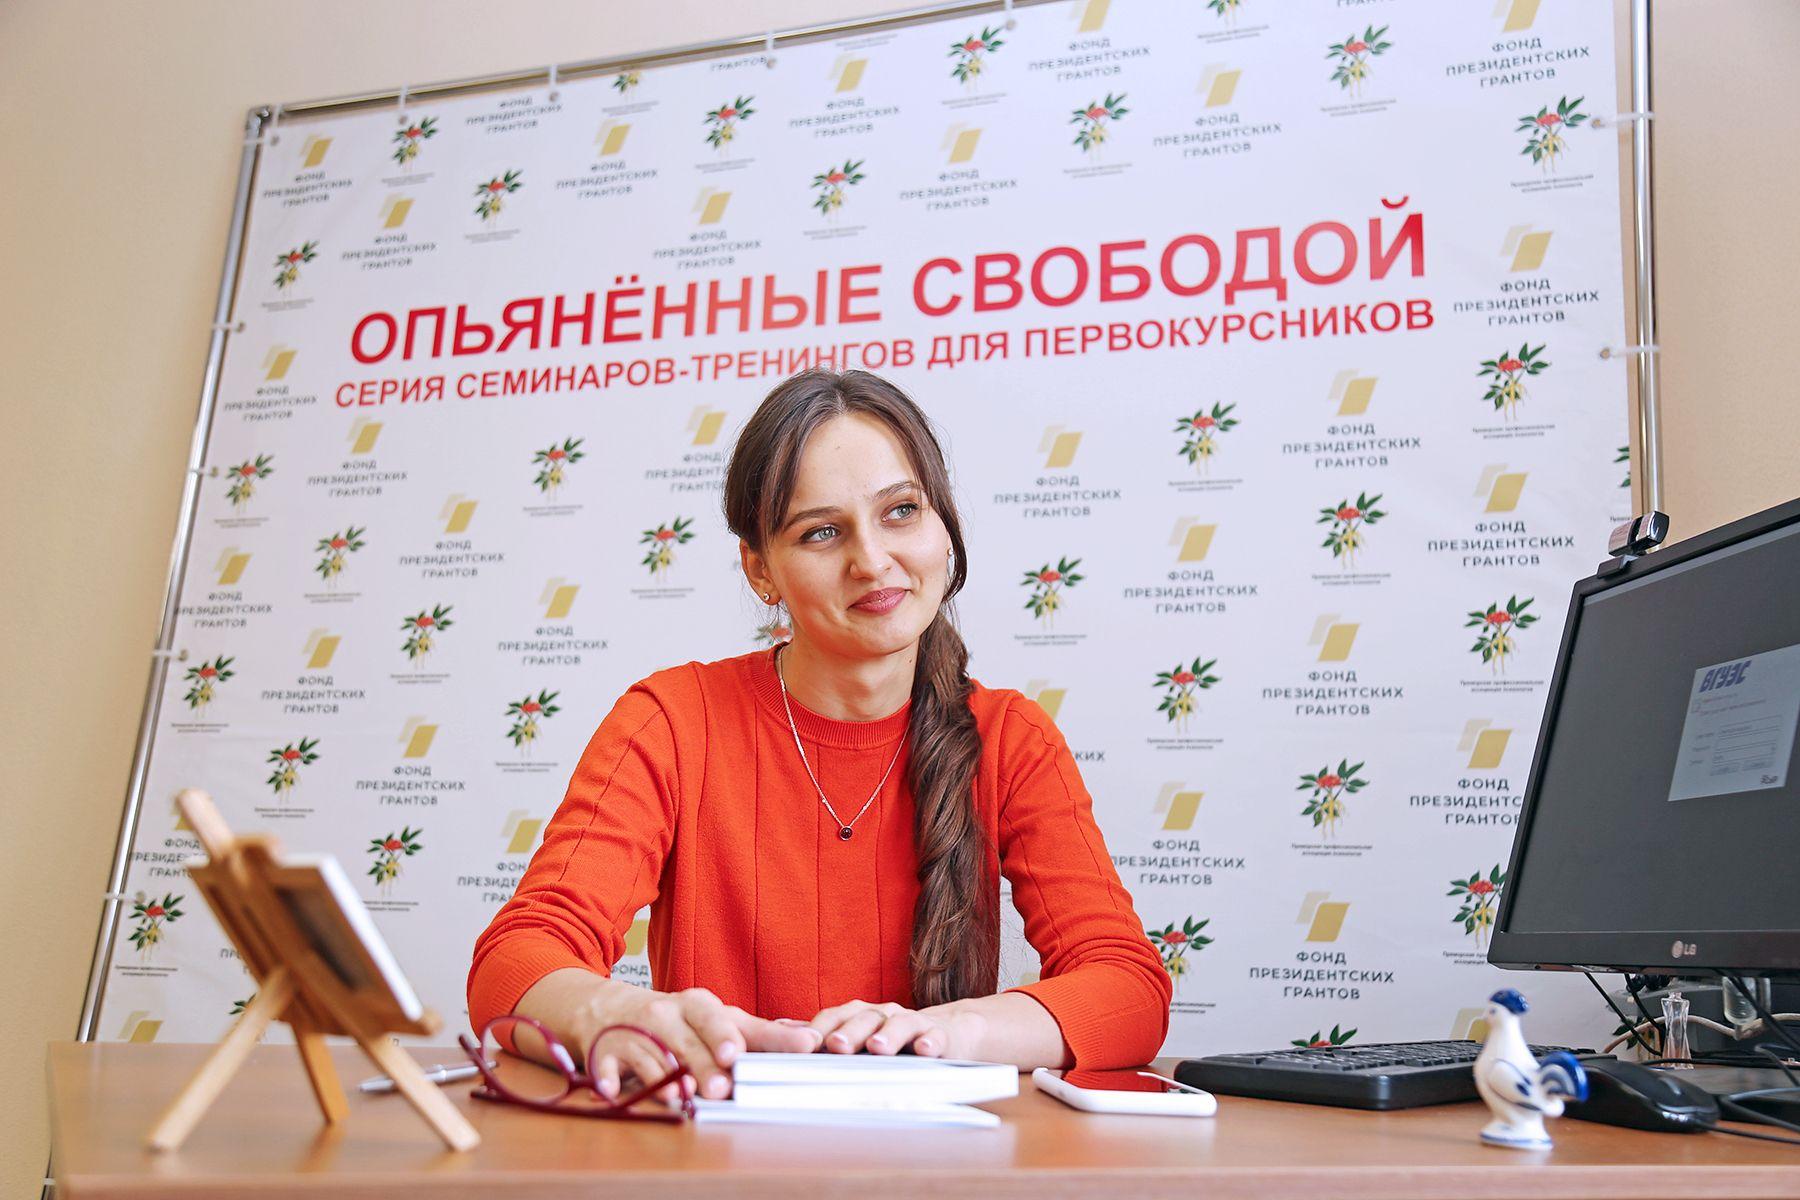 Молодой ученый-психолог ВГУЭС Варвара Малахова: выиграть грант РФФИ может даже студент